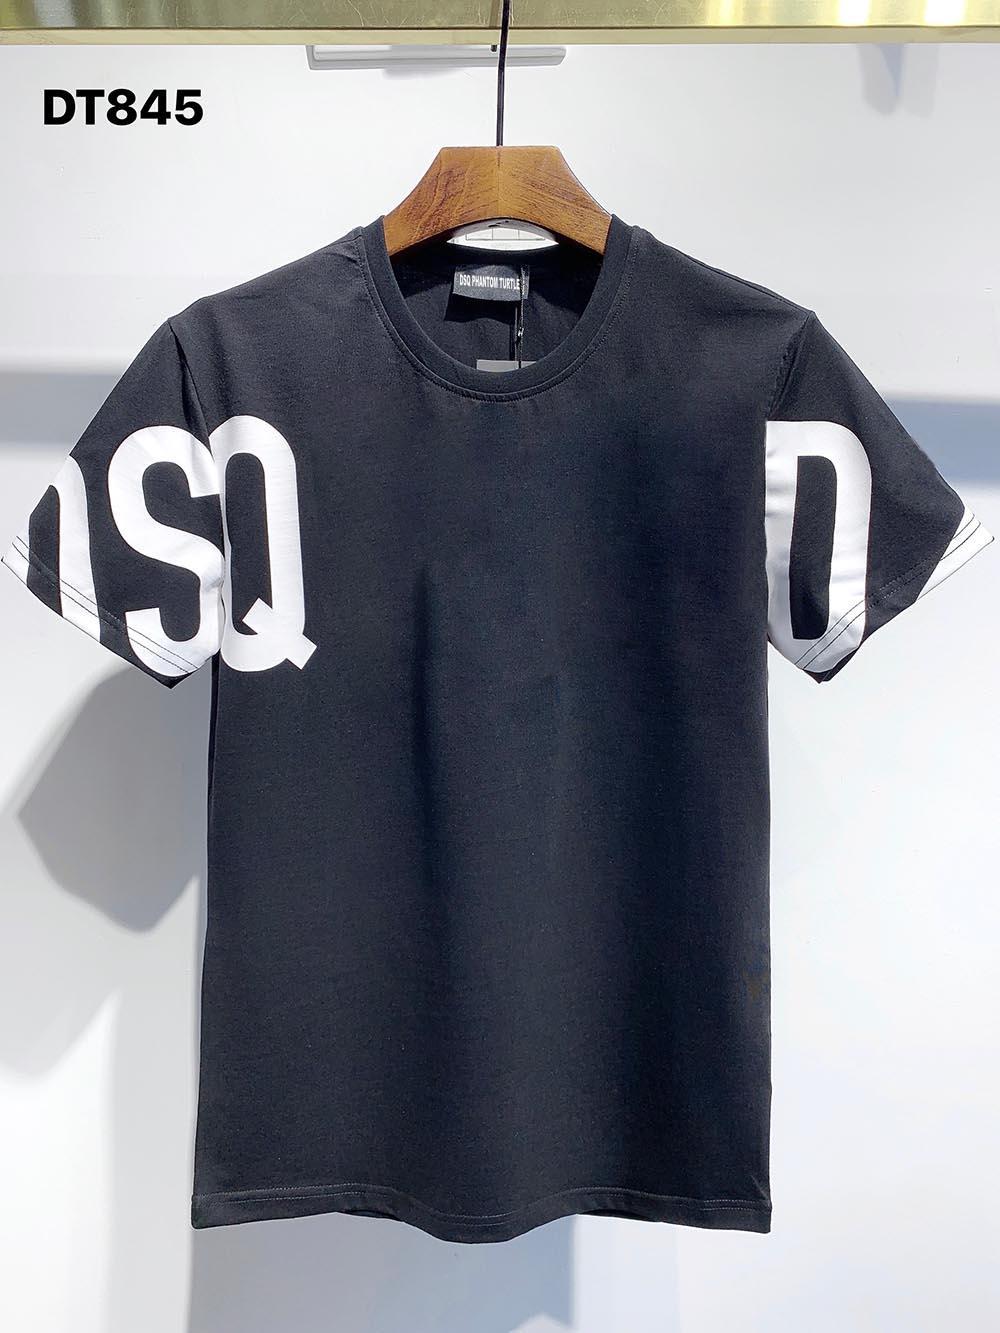 DSQ PHANTOM TURTLE 2021SS New Mens Designer T shirt Paris fashion Tshirts Summer DSQ Pattern T-shirt Male Top Quality 100% Cotton Top 1179